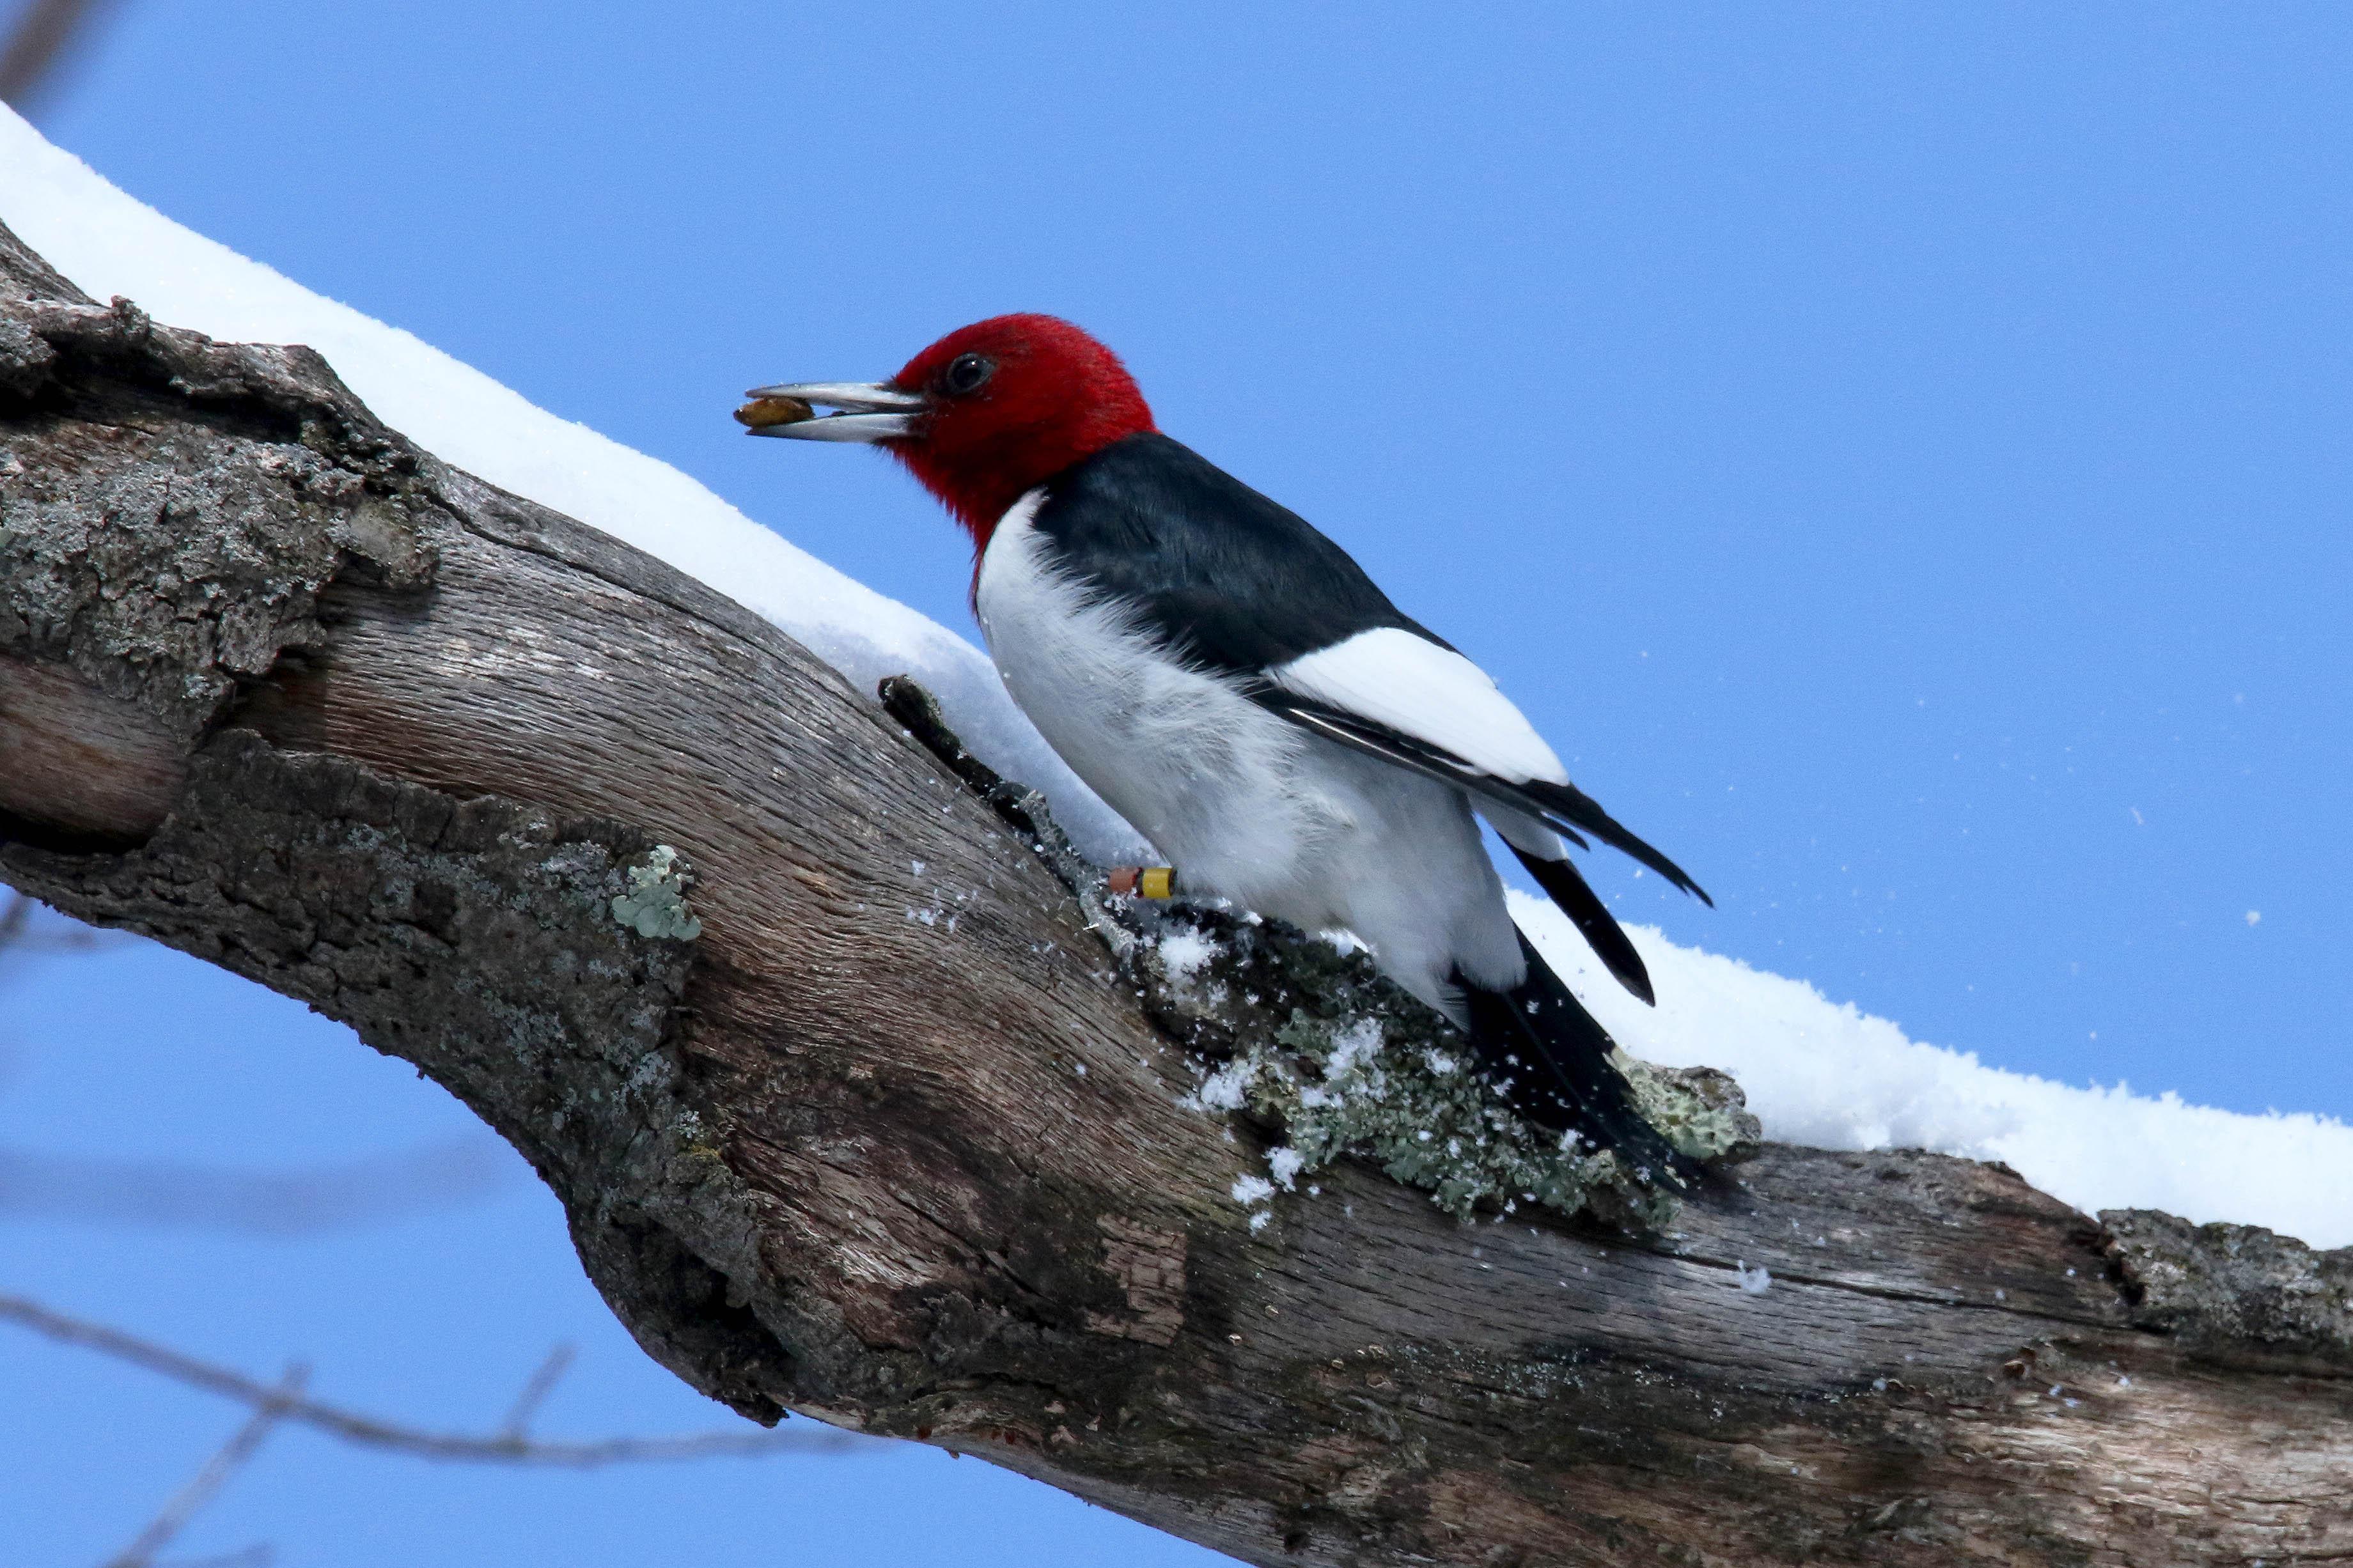 Red-headed woodpecker on snowy branch